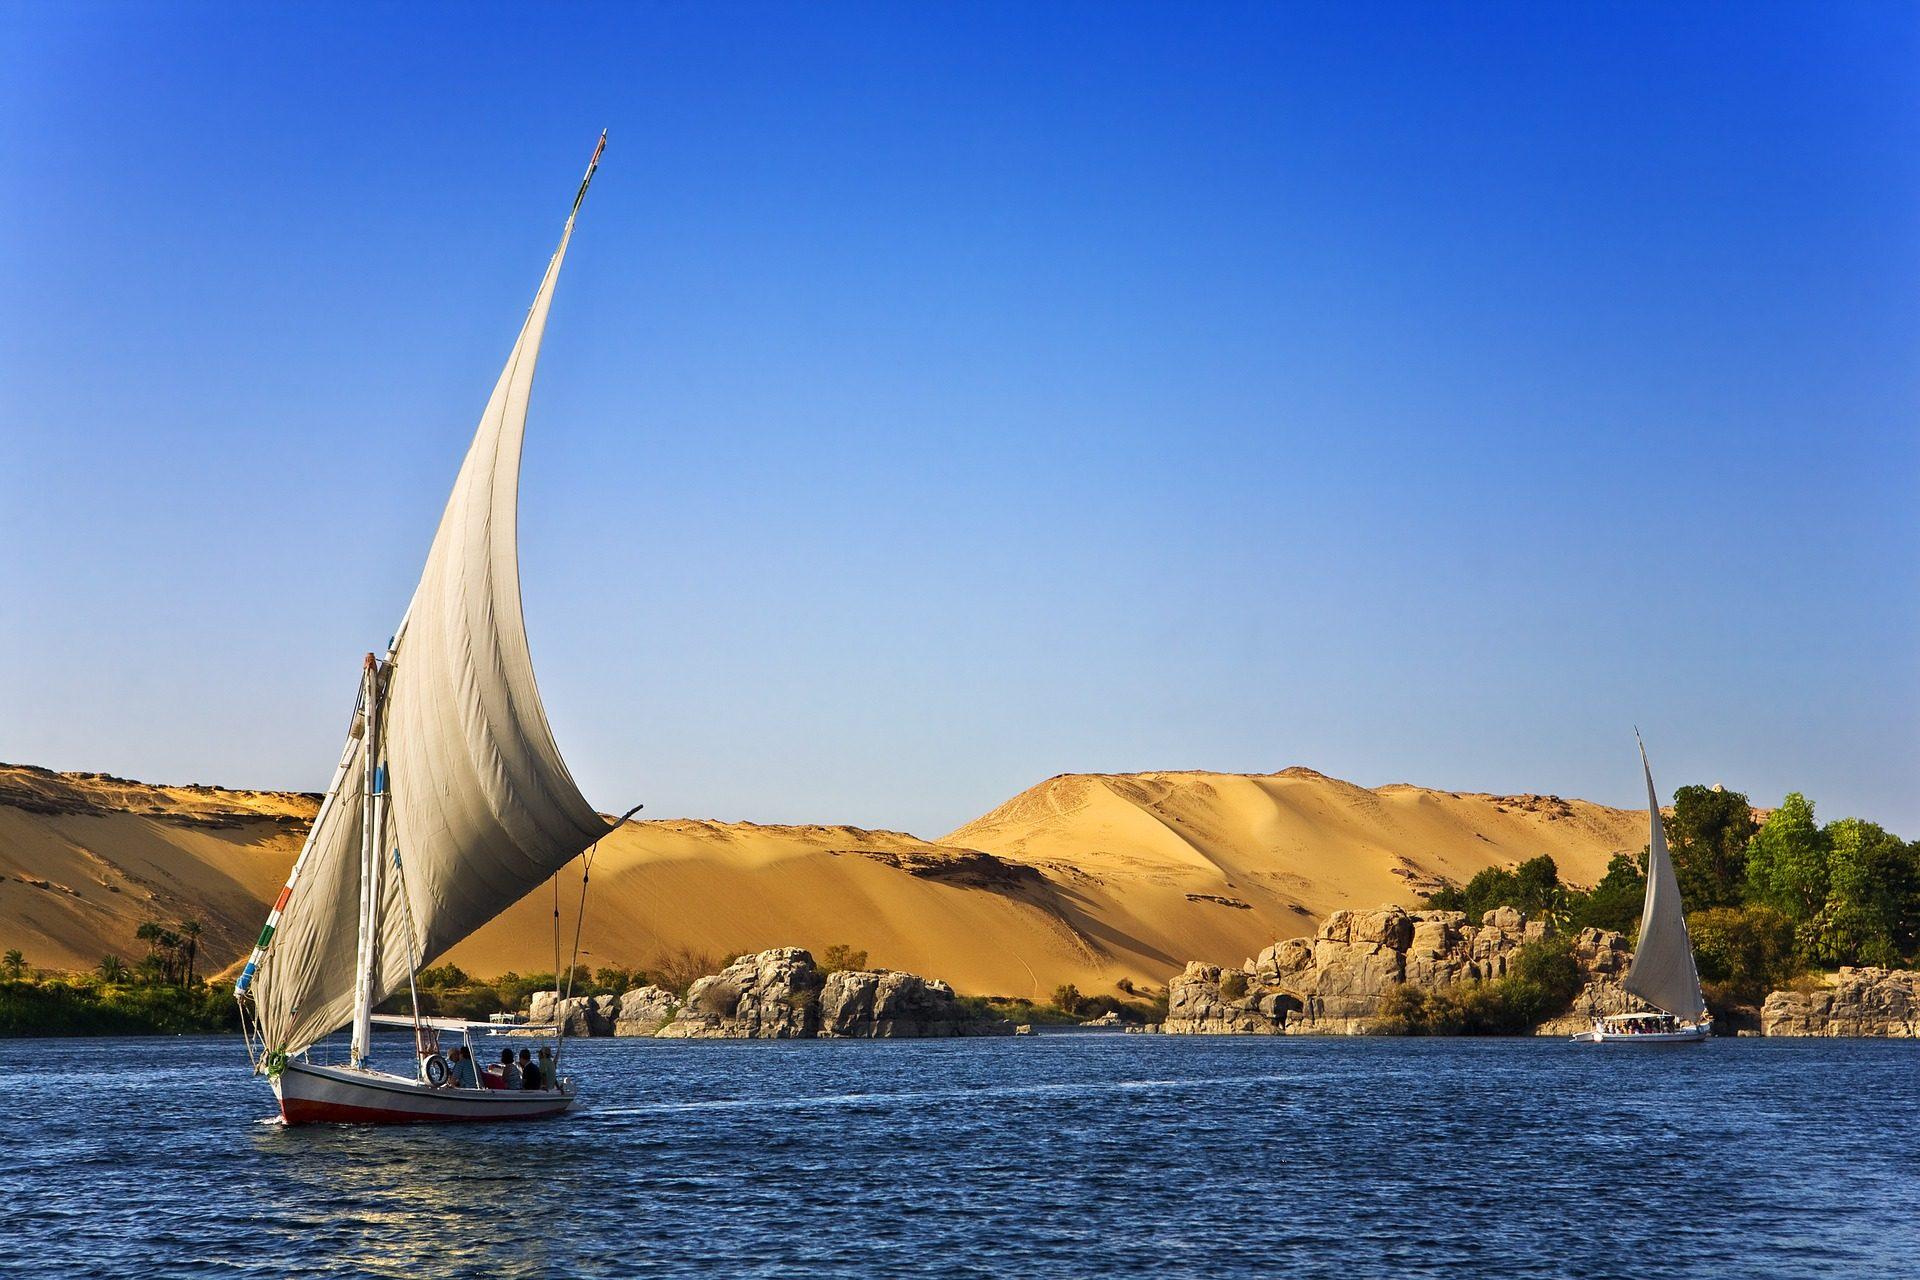 Rundreise Ägypten günstig buchen 7 Nächte schon ab 307,00€